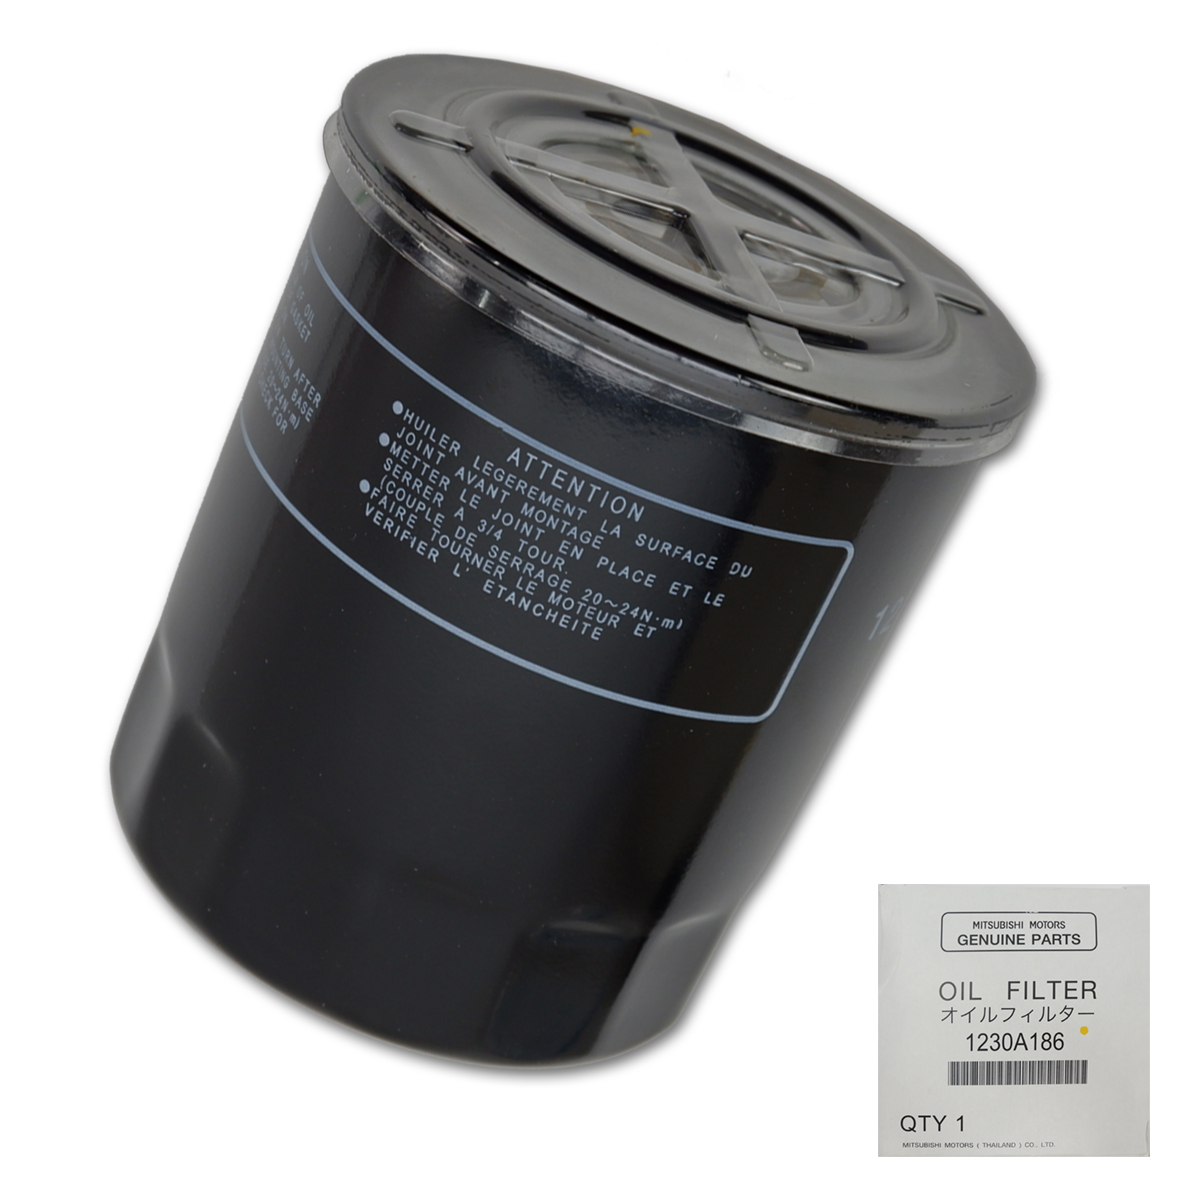 Oil Filter Acdelco ACO41 Z313 for Pajero Triton Express Starwagon Bravo Diesel 2